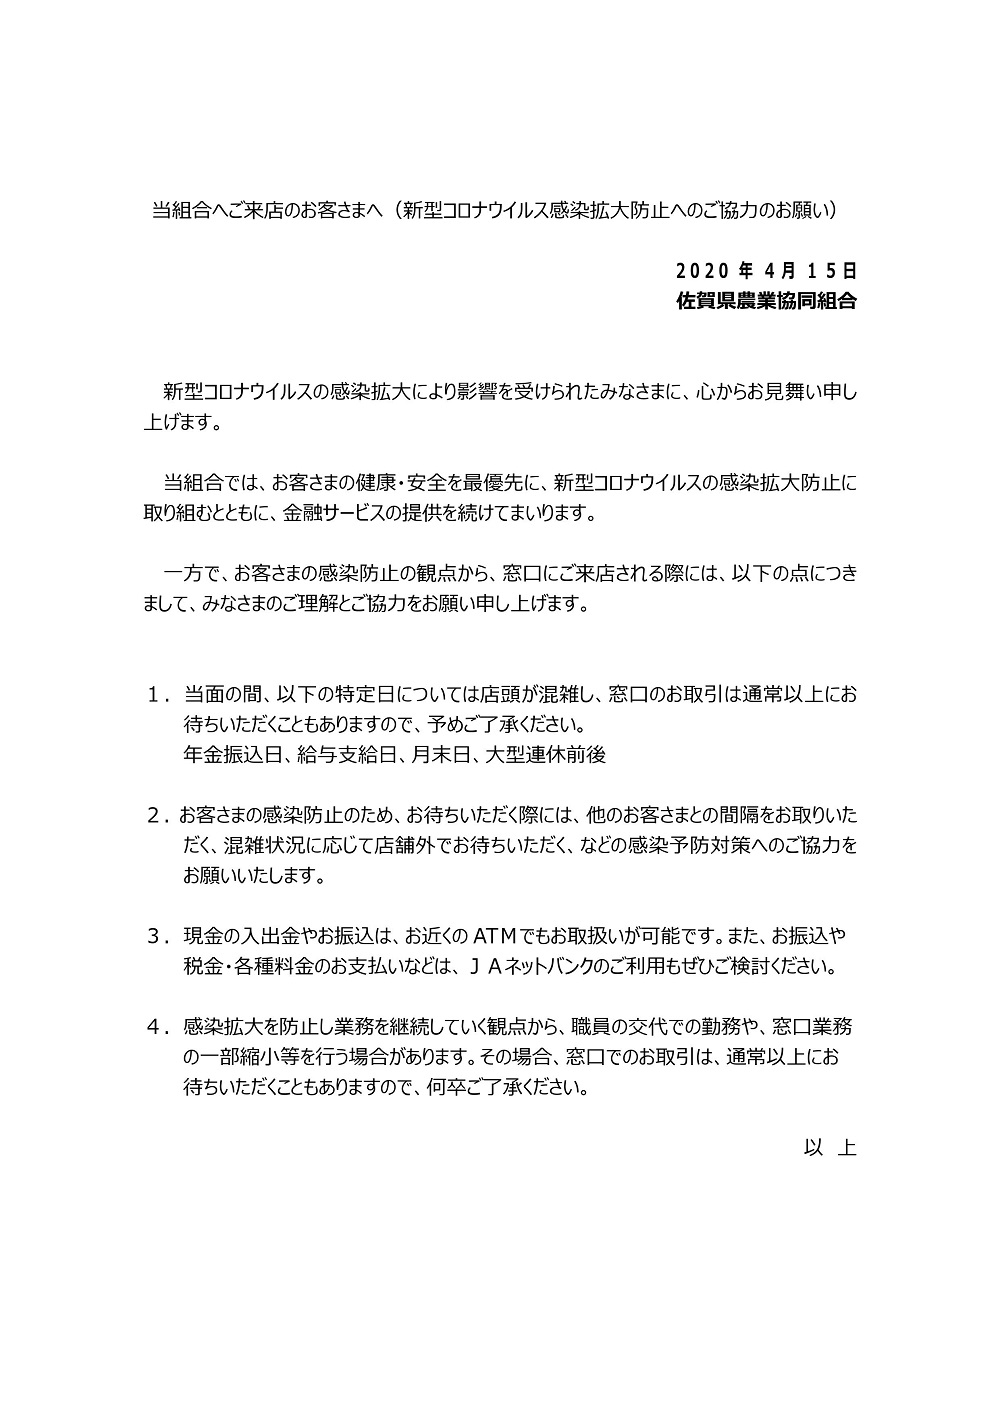 速報 者 県 コロナ 佐賀 感染